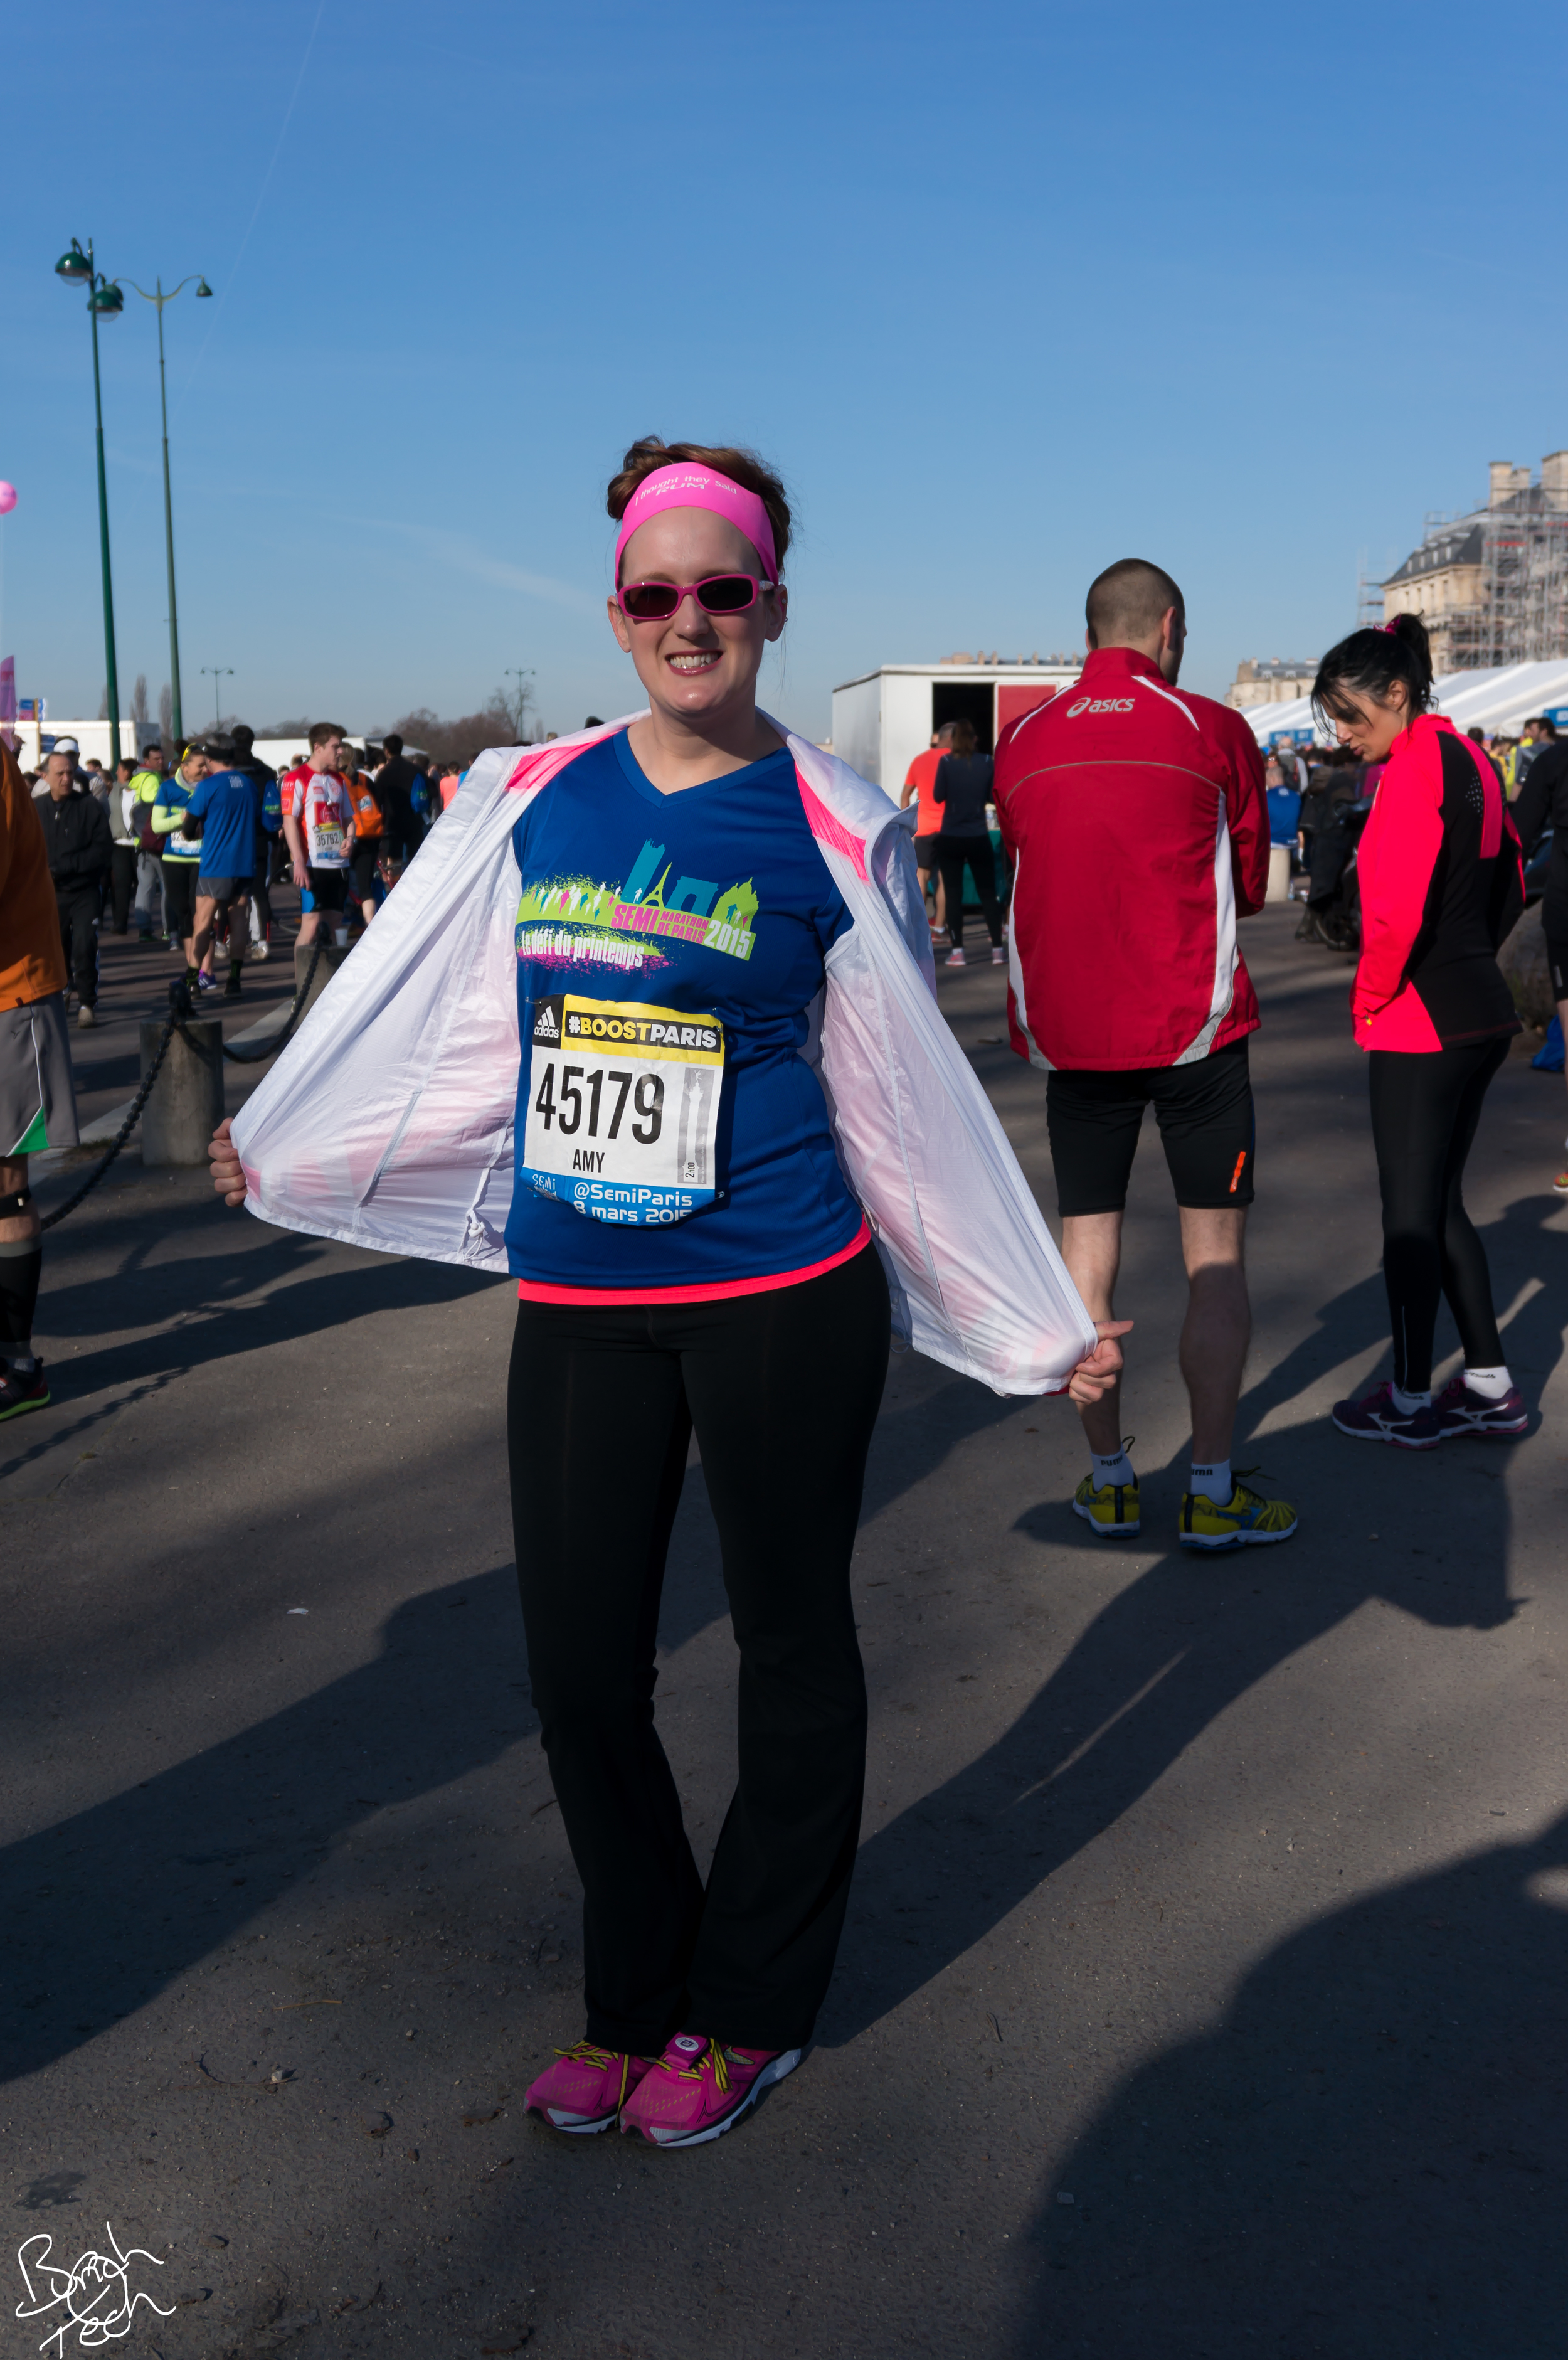 Semi-Paris Half Marathon